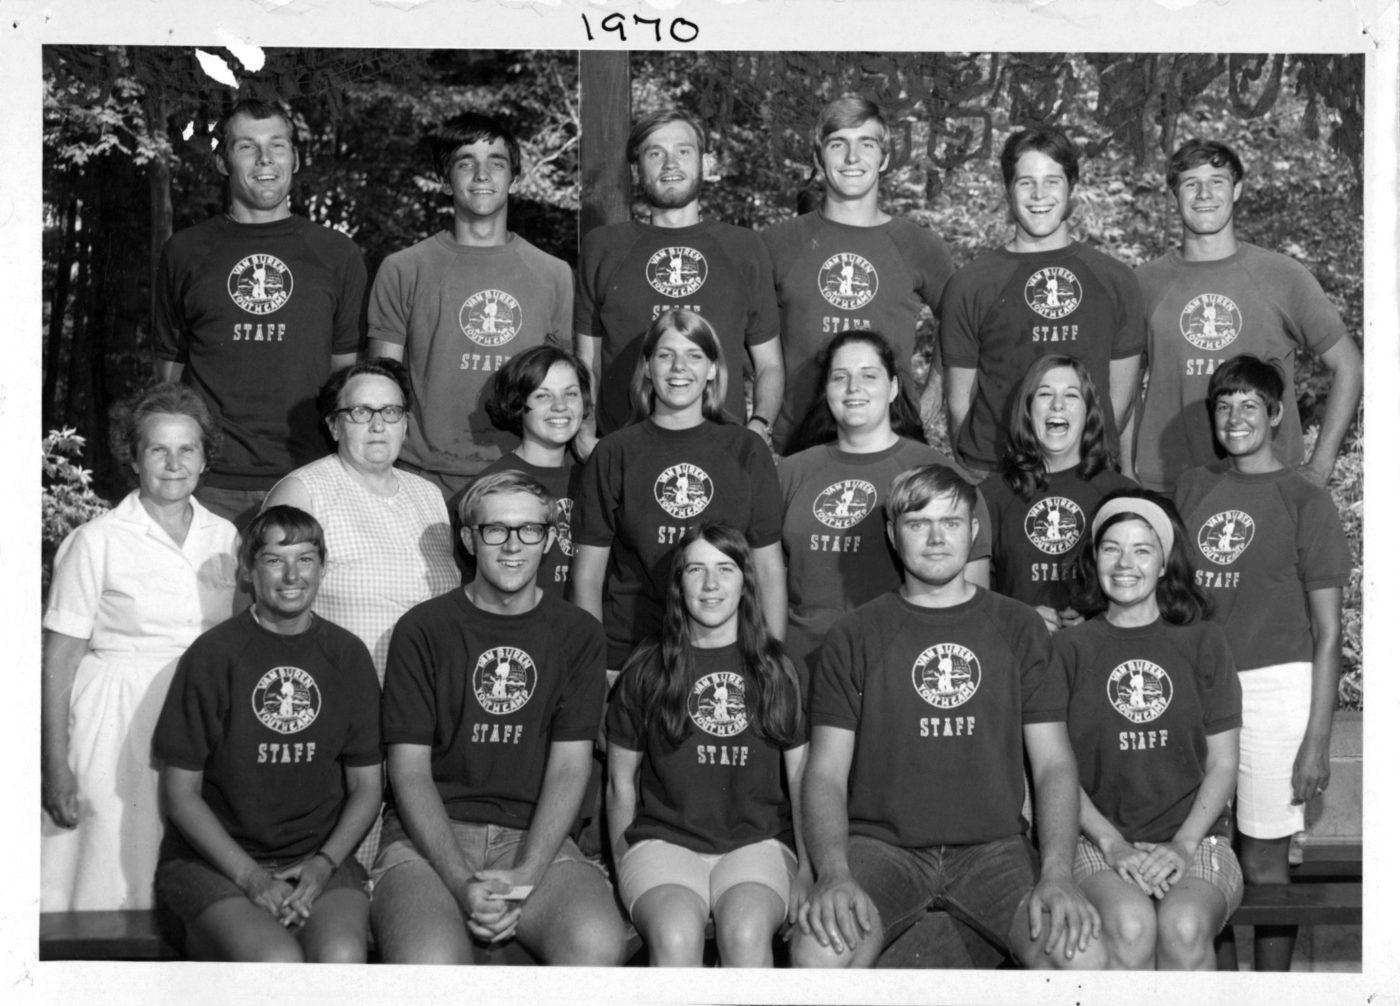 Staff 1970